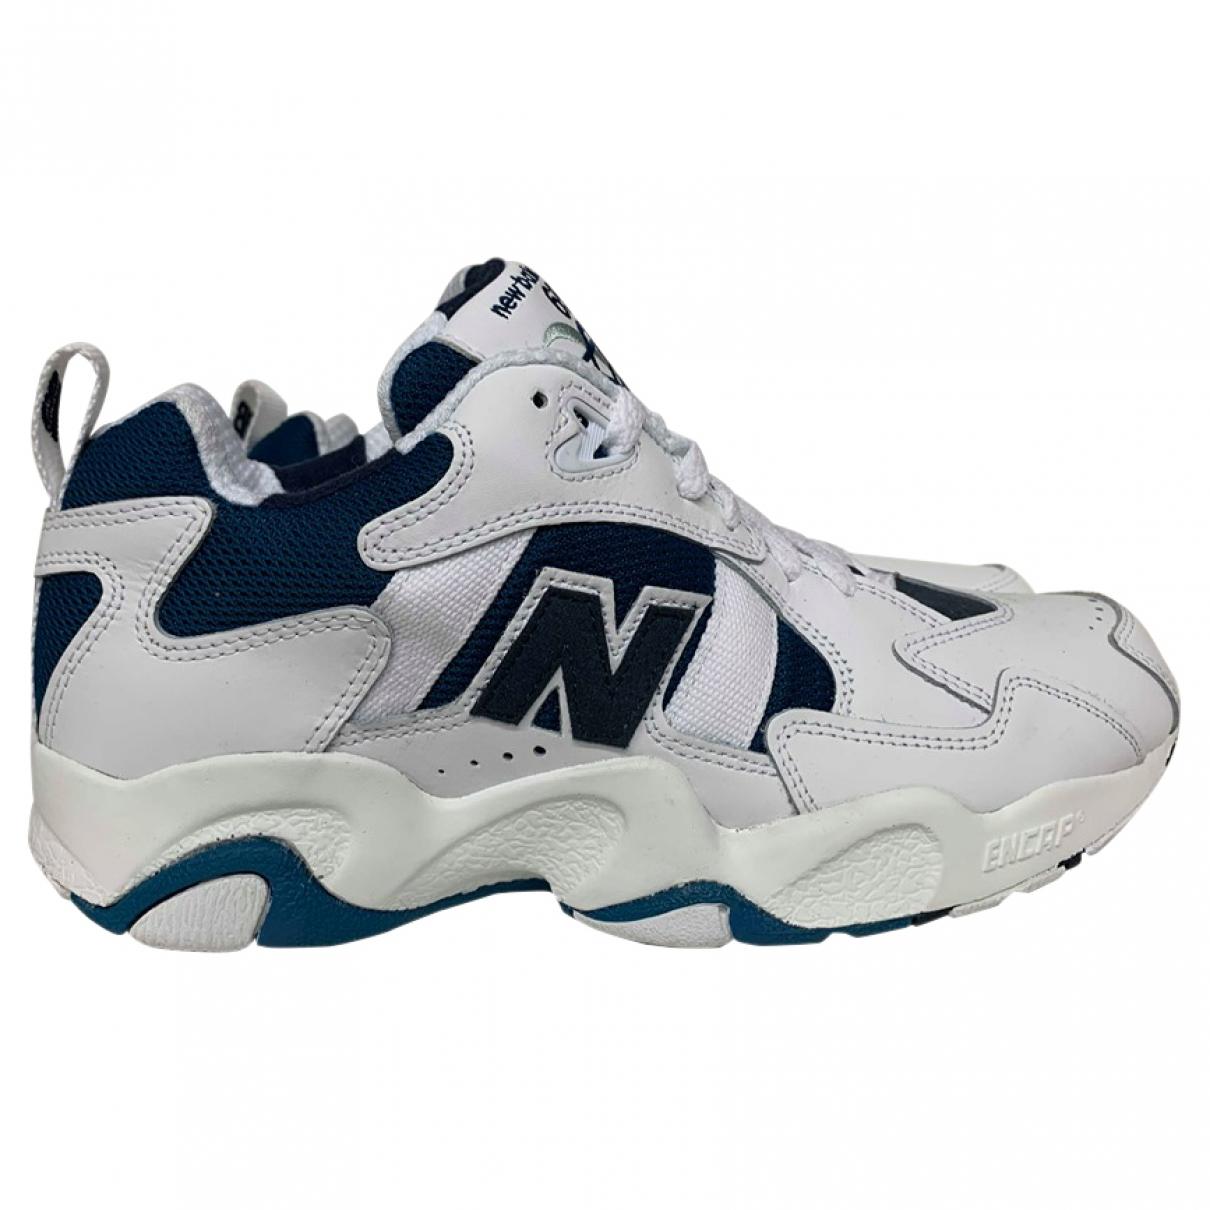 New Balance - Baskets   pour homme en cuir - blanc